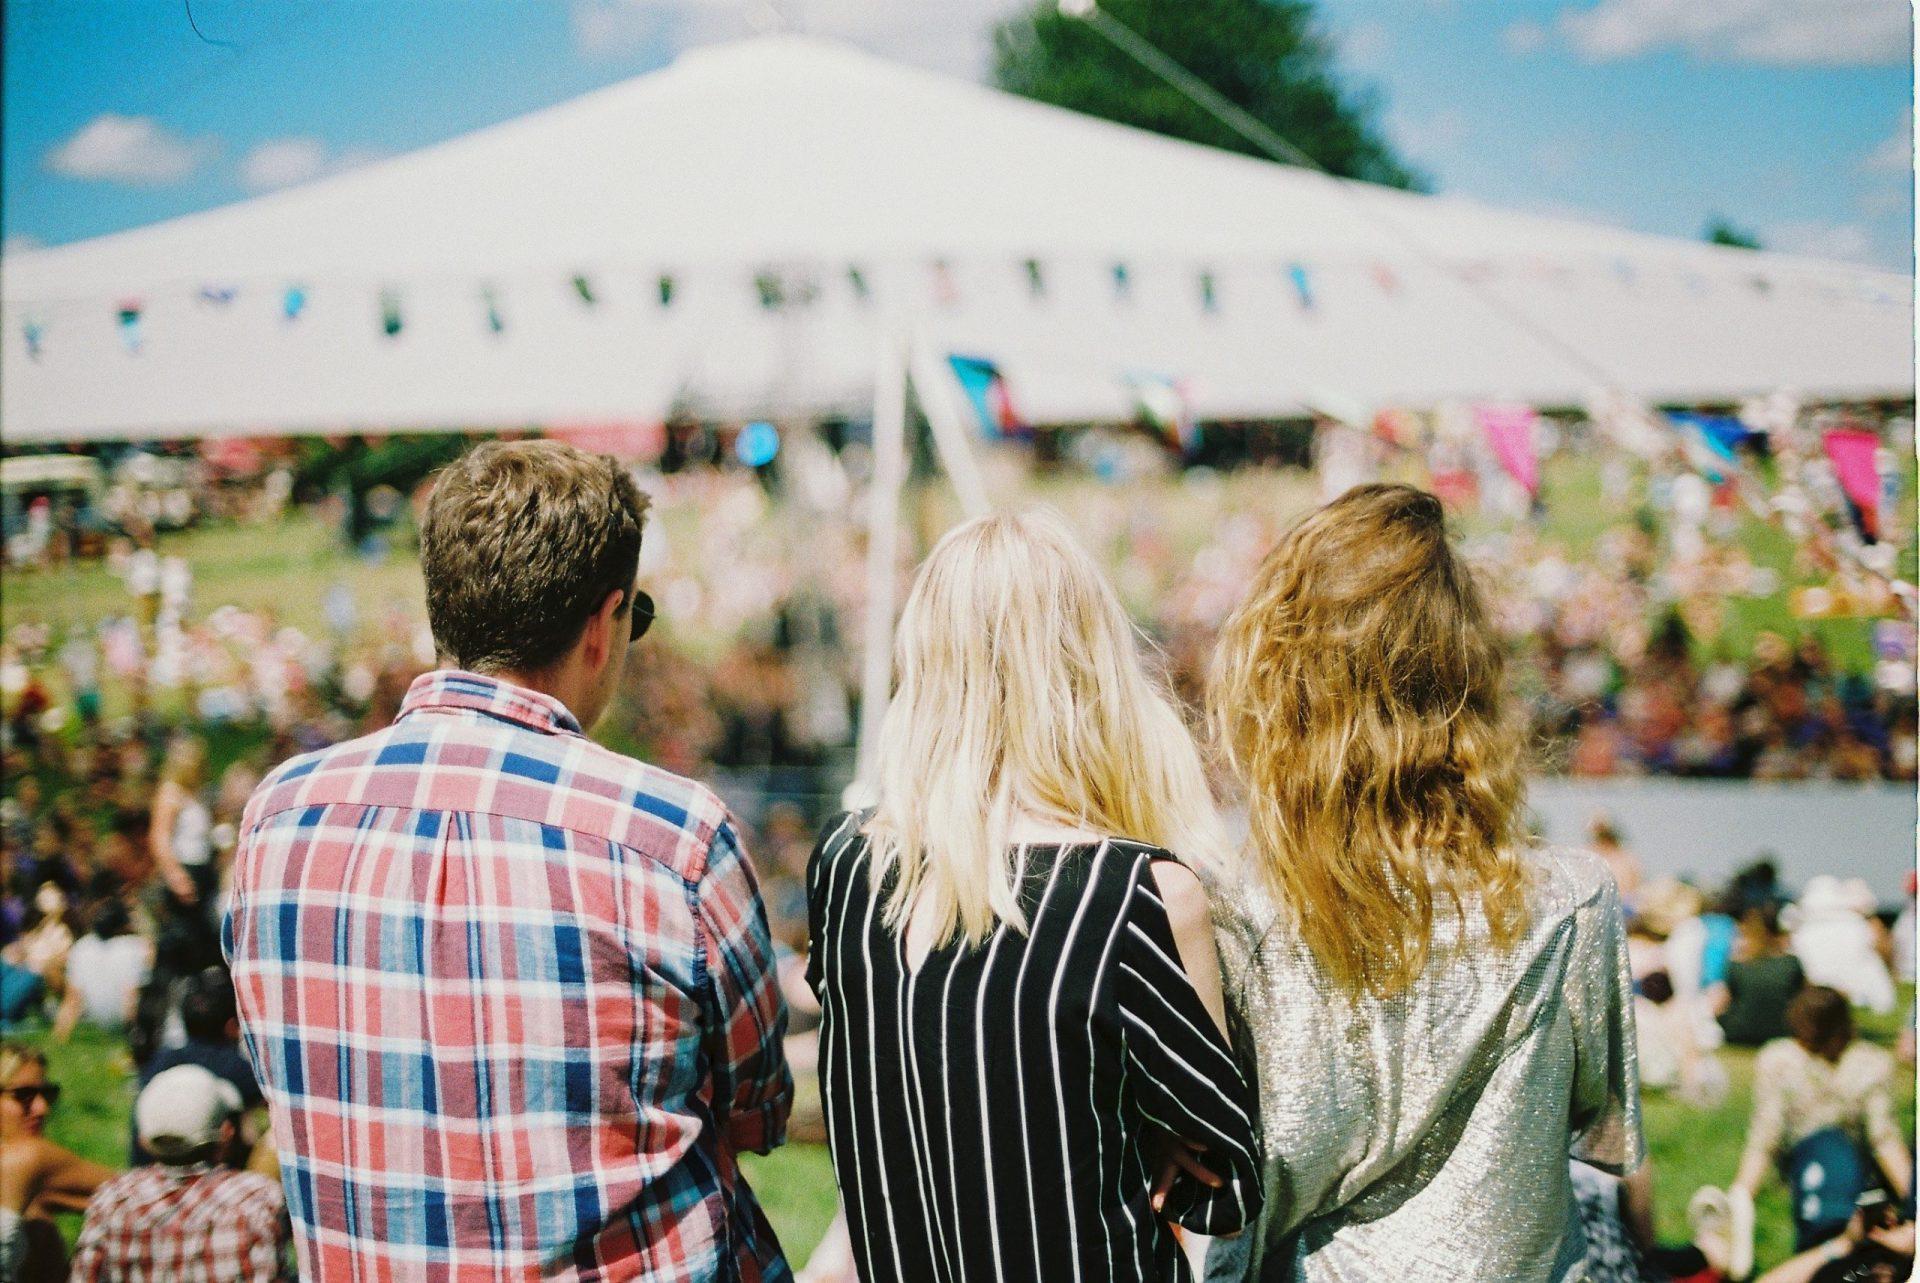 Drei Menschen, die auf ein sommerliches Festival blicken.